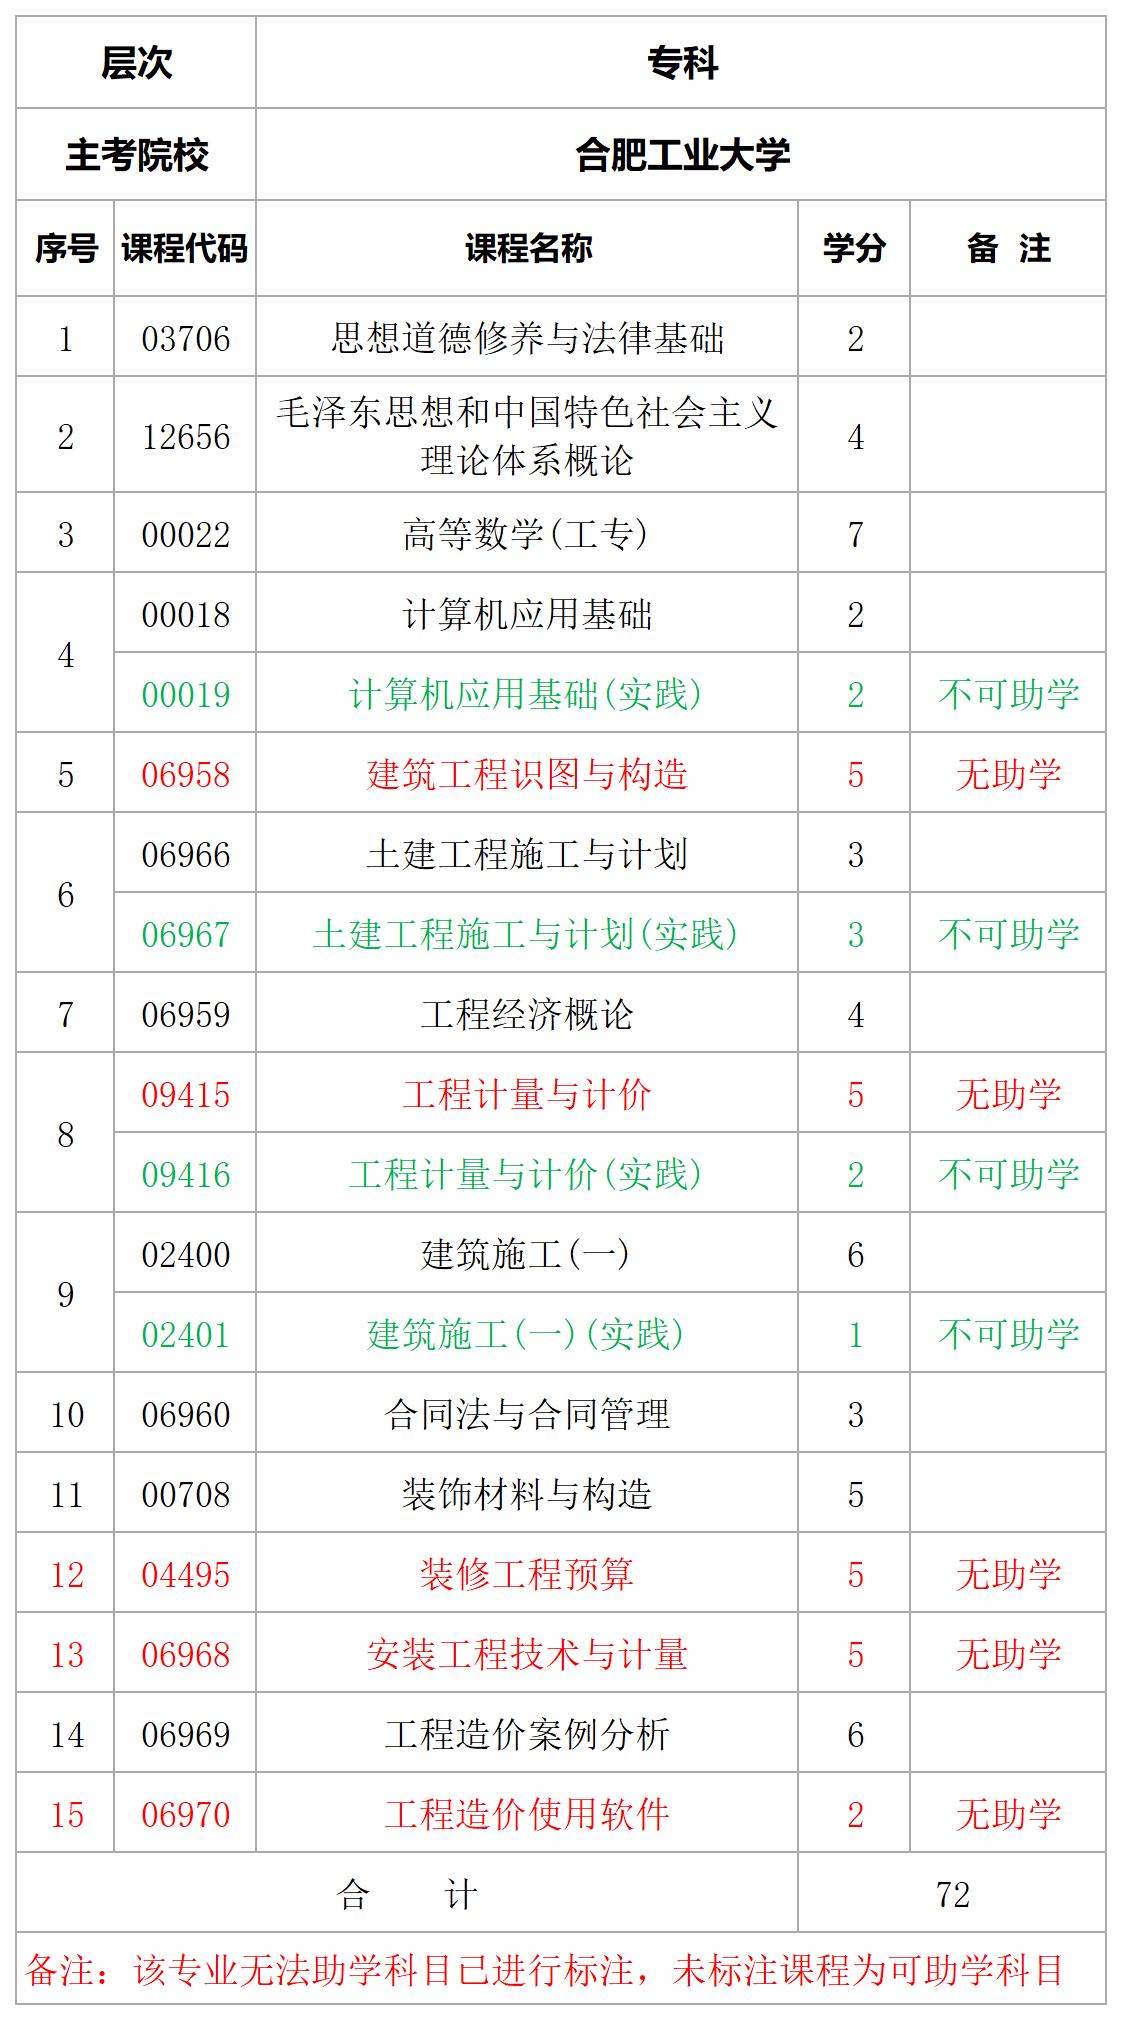 合肥工业大学工程造价专科专业计划表